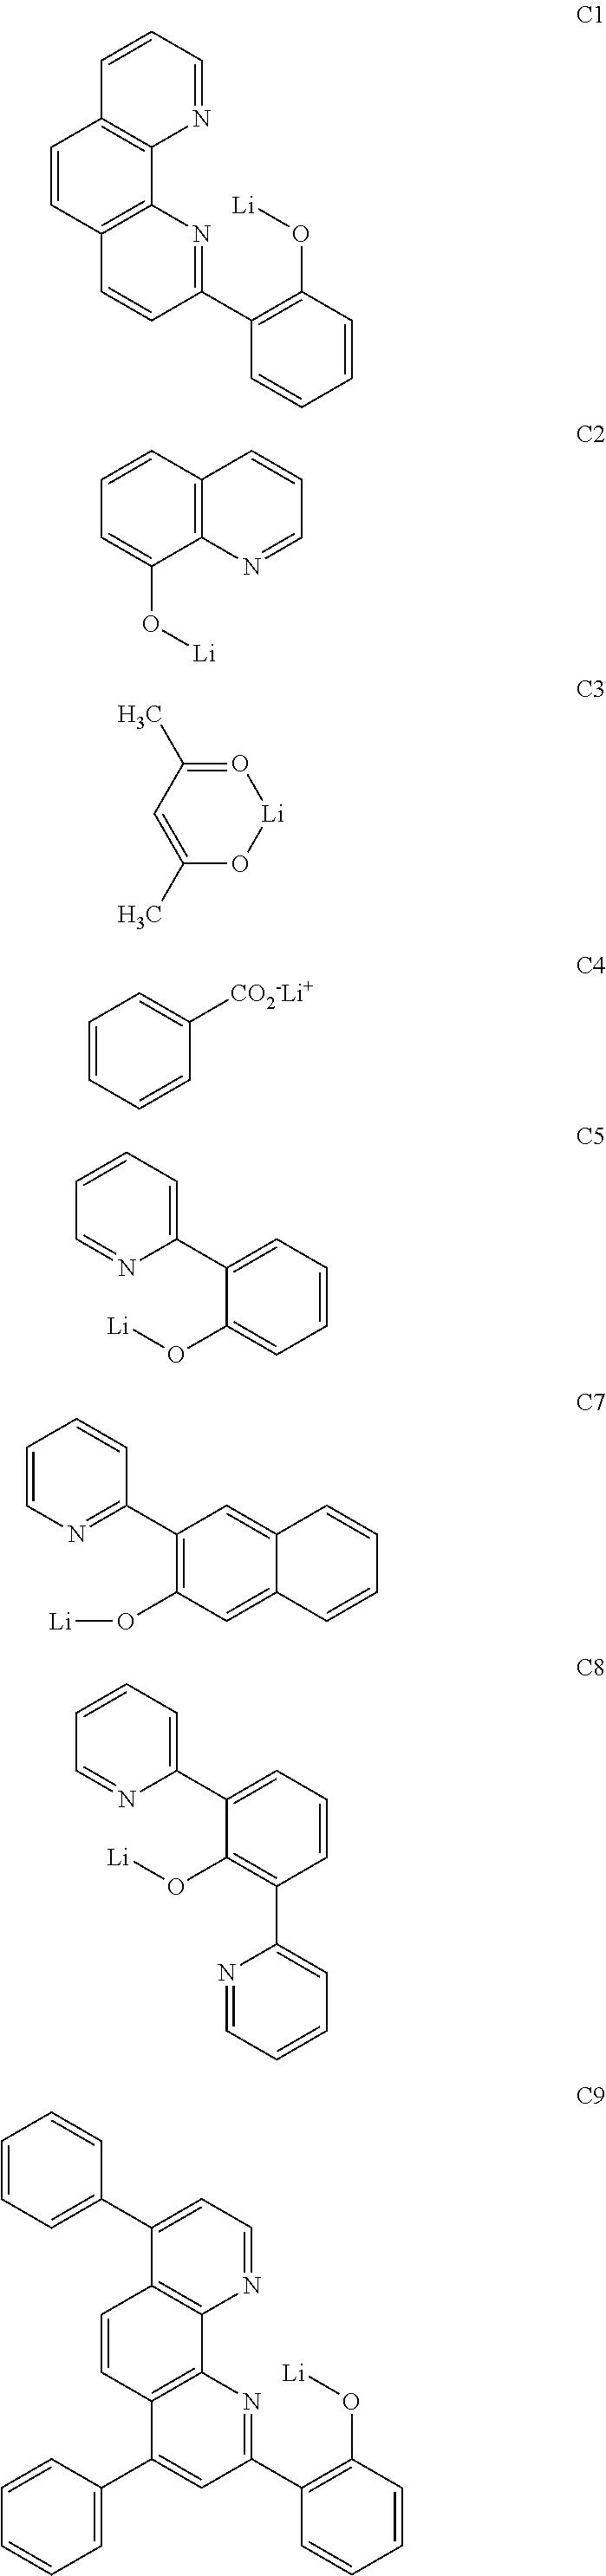 Figure US07955719-20110607-C00002